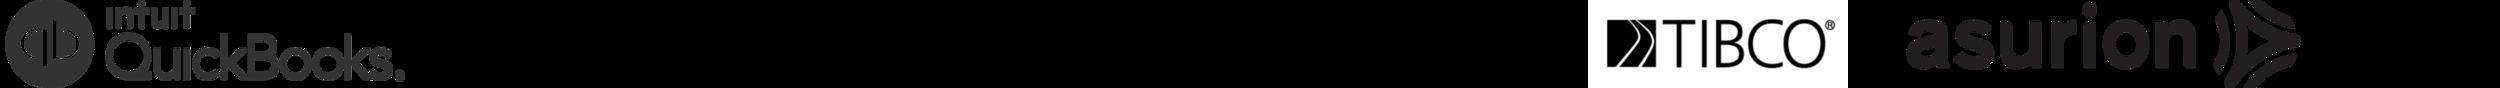 logos_companies_@1x.png